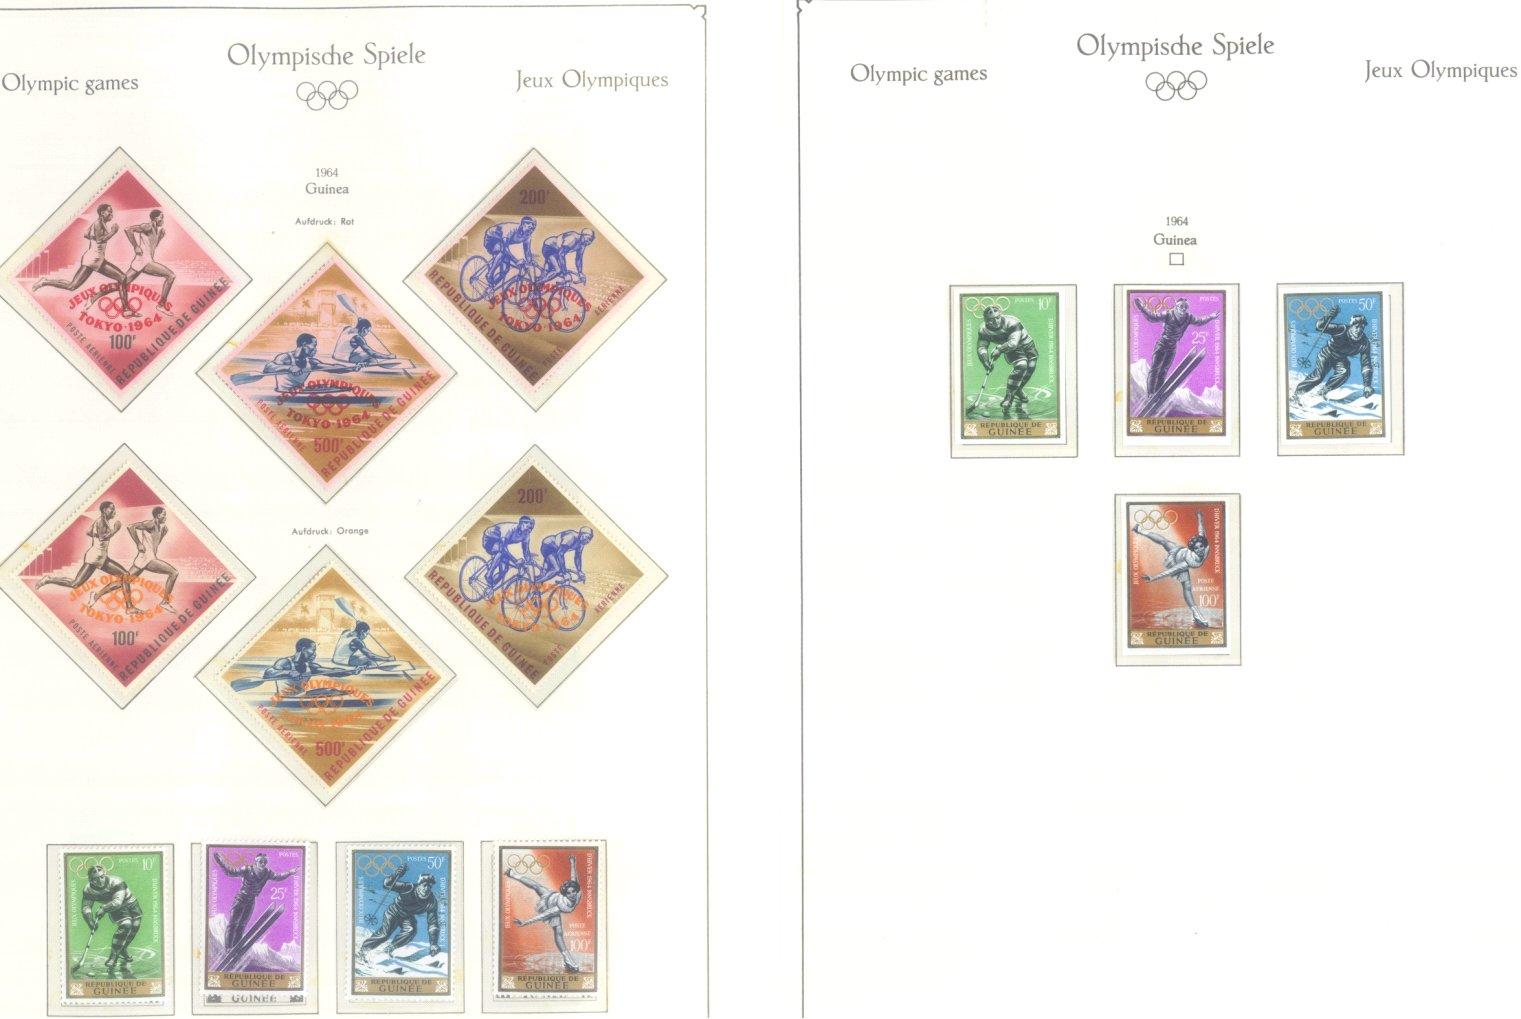 OLYMPISCHE SPIELE 1964 TOKIO, postfrische Sammlung Teil 1-17